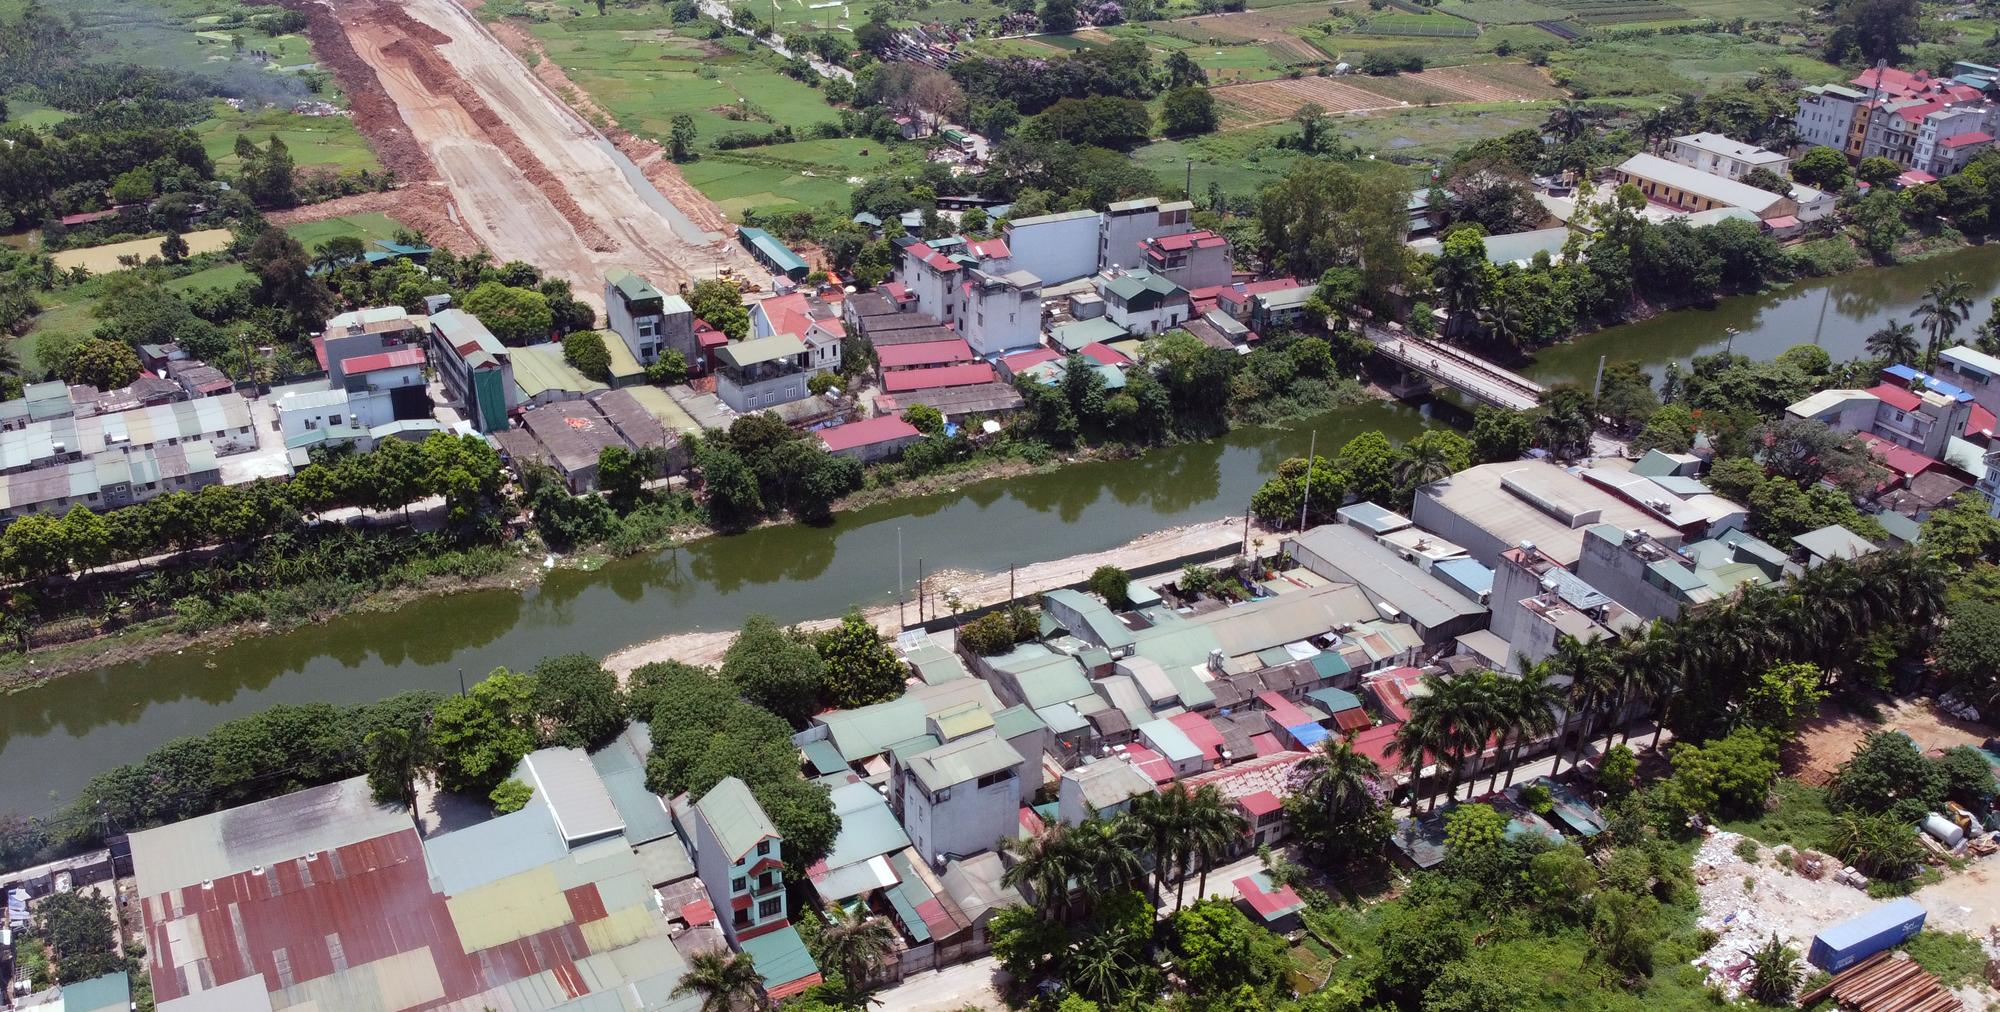 Soi tiến độ đường Tây Thăng Long từ Phạm Văn Đồng đến Văn Tiến Dũng - Ảnh 12.